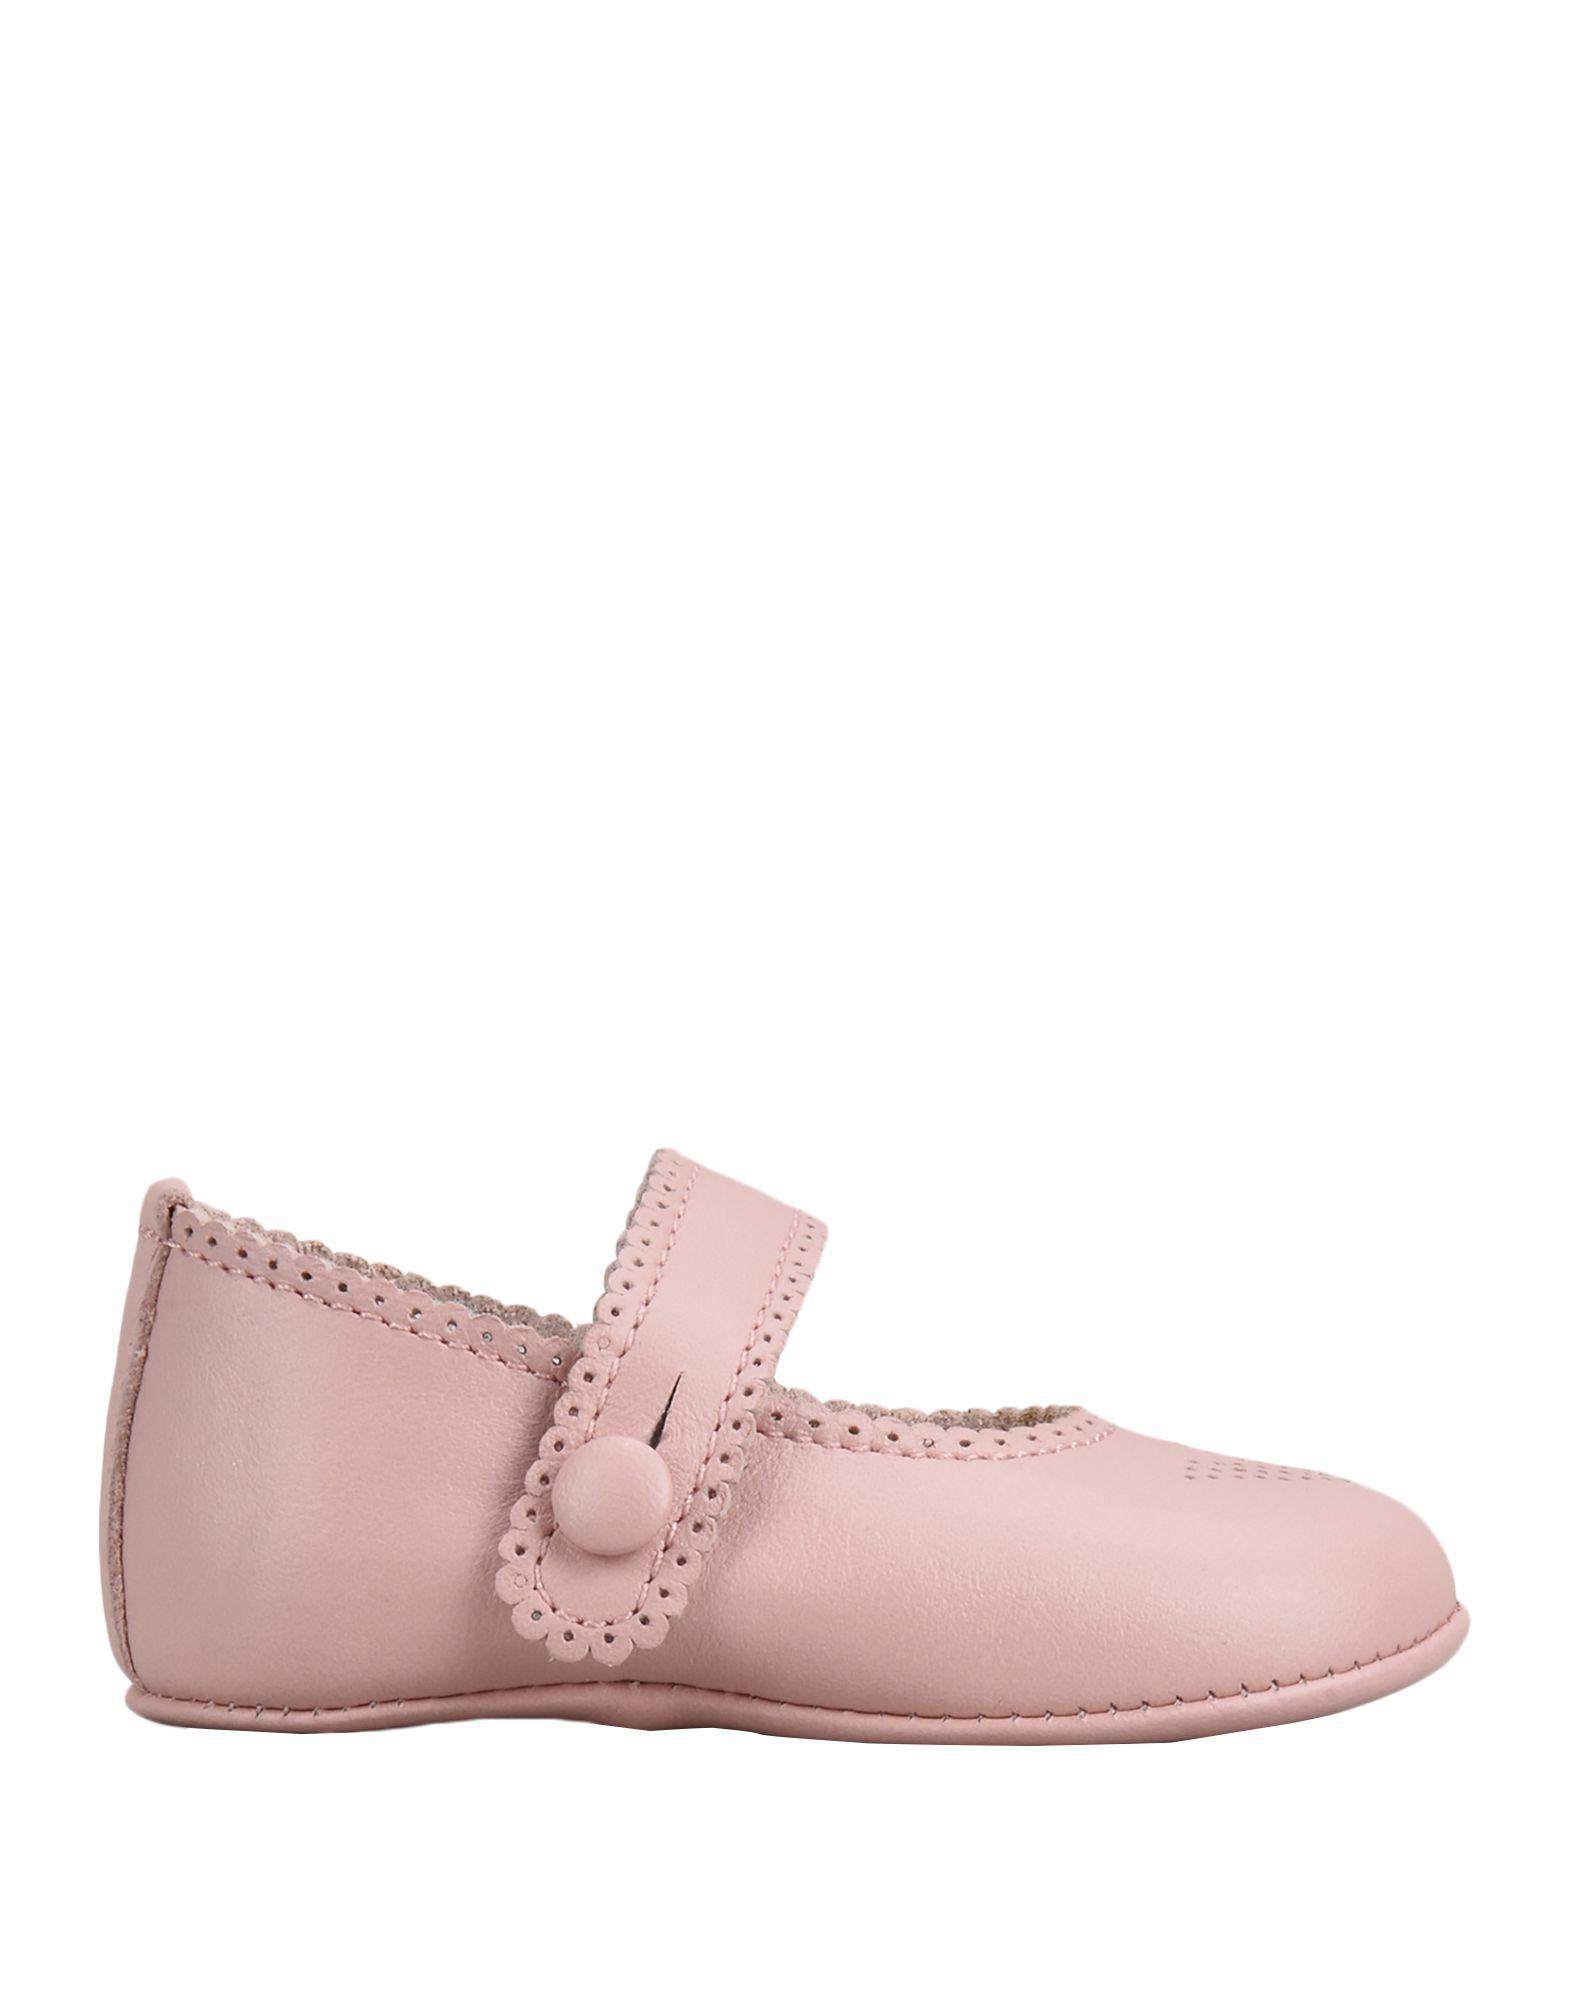 ARMANI JUNIOR Обувь для новорожденных обувь для детей